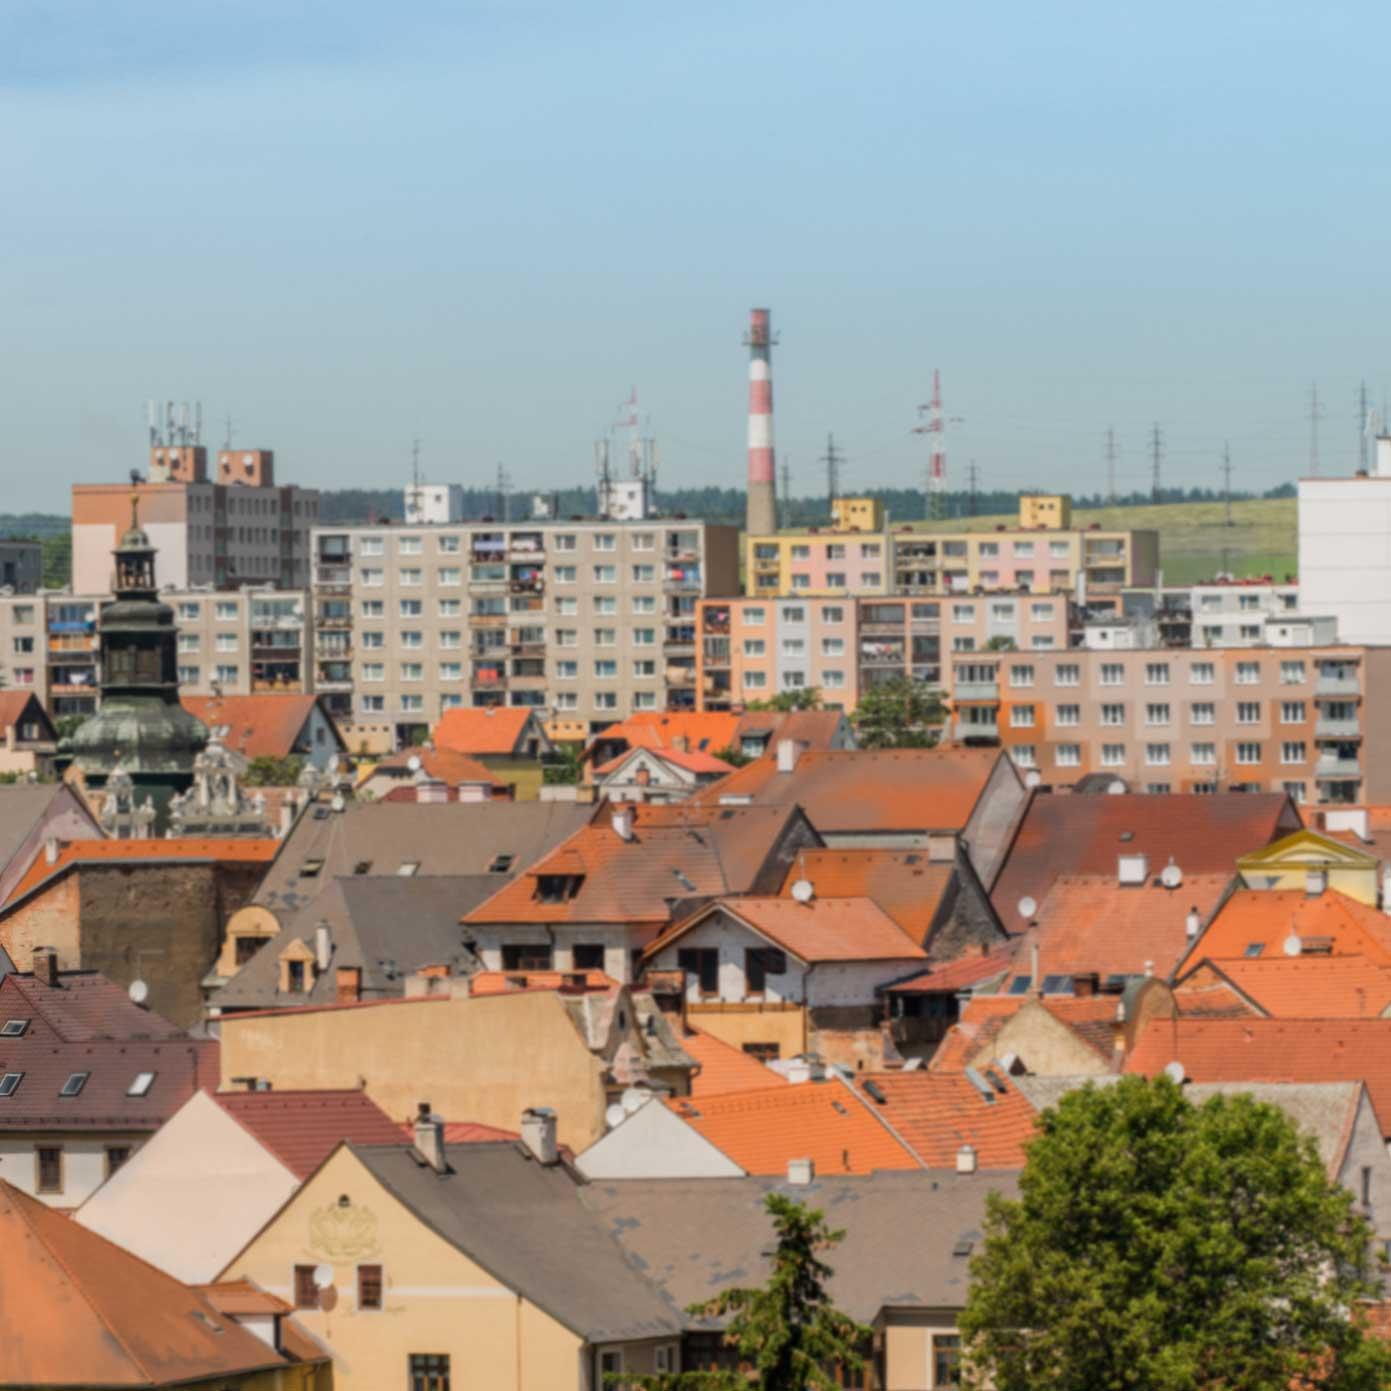 Kleinstadt im Osten – Modellbahn Hintergrund 300cm x 50 cm 3